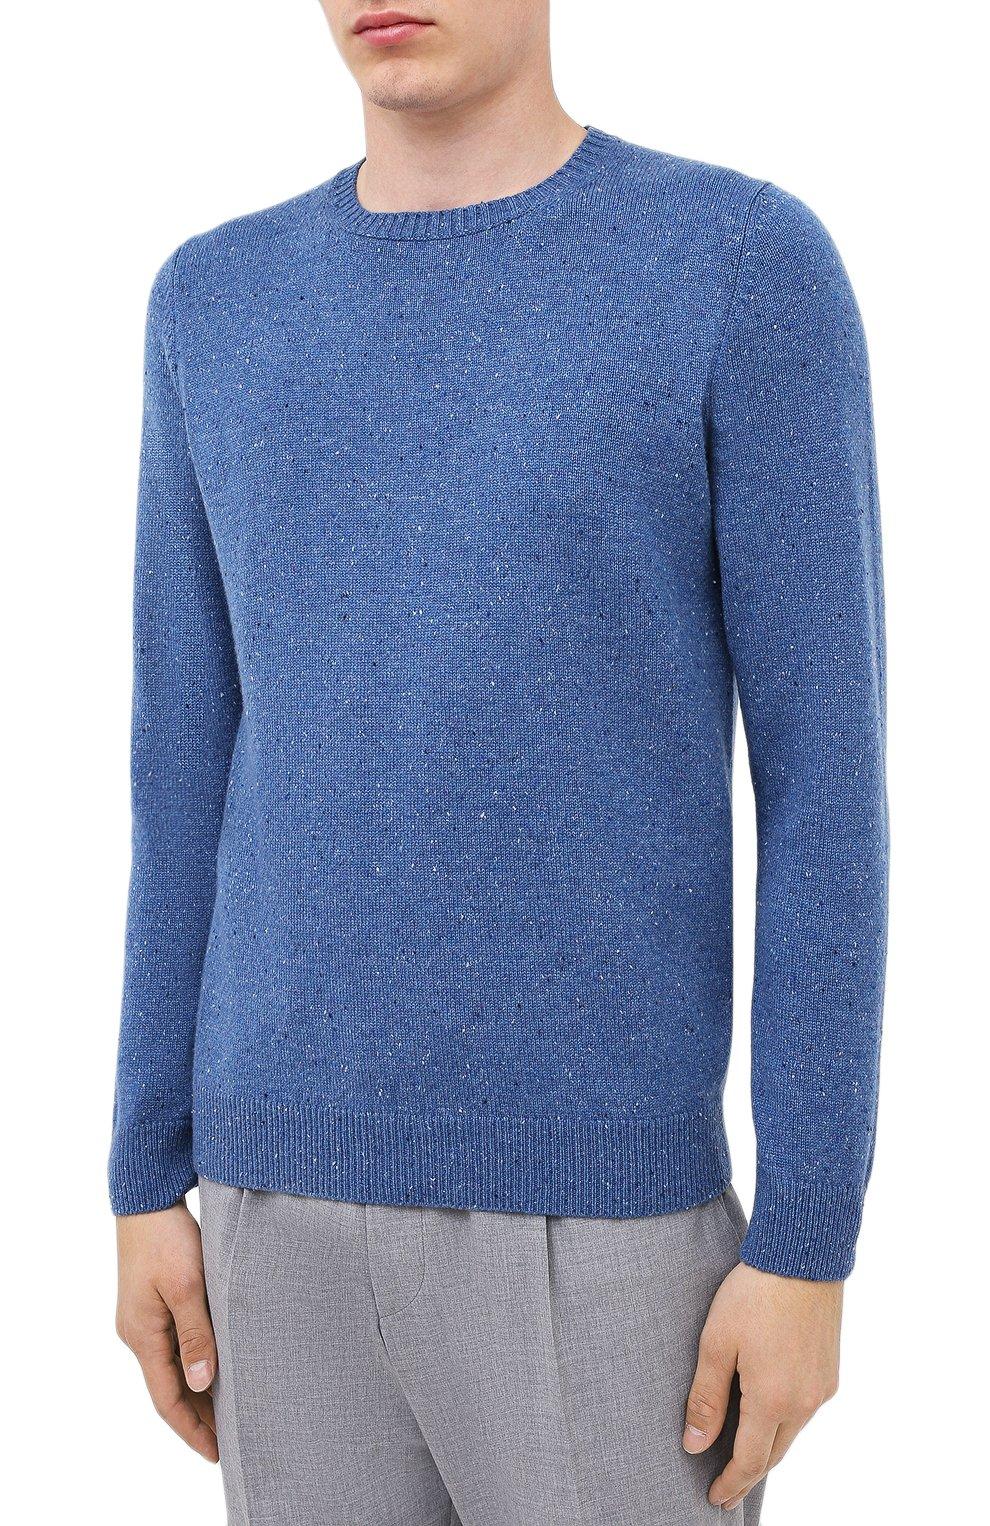 Мужской кашемировый свитер FEDELI синего цвета, арт. 3UI08095 | Фото 3 (Материал внешний: Шерсть; Рукава: Длинные; Принт: Без принта; Длина (для топов): Стандартные)